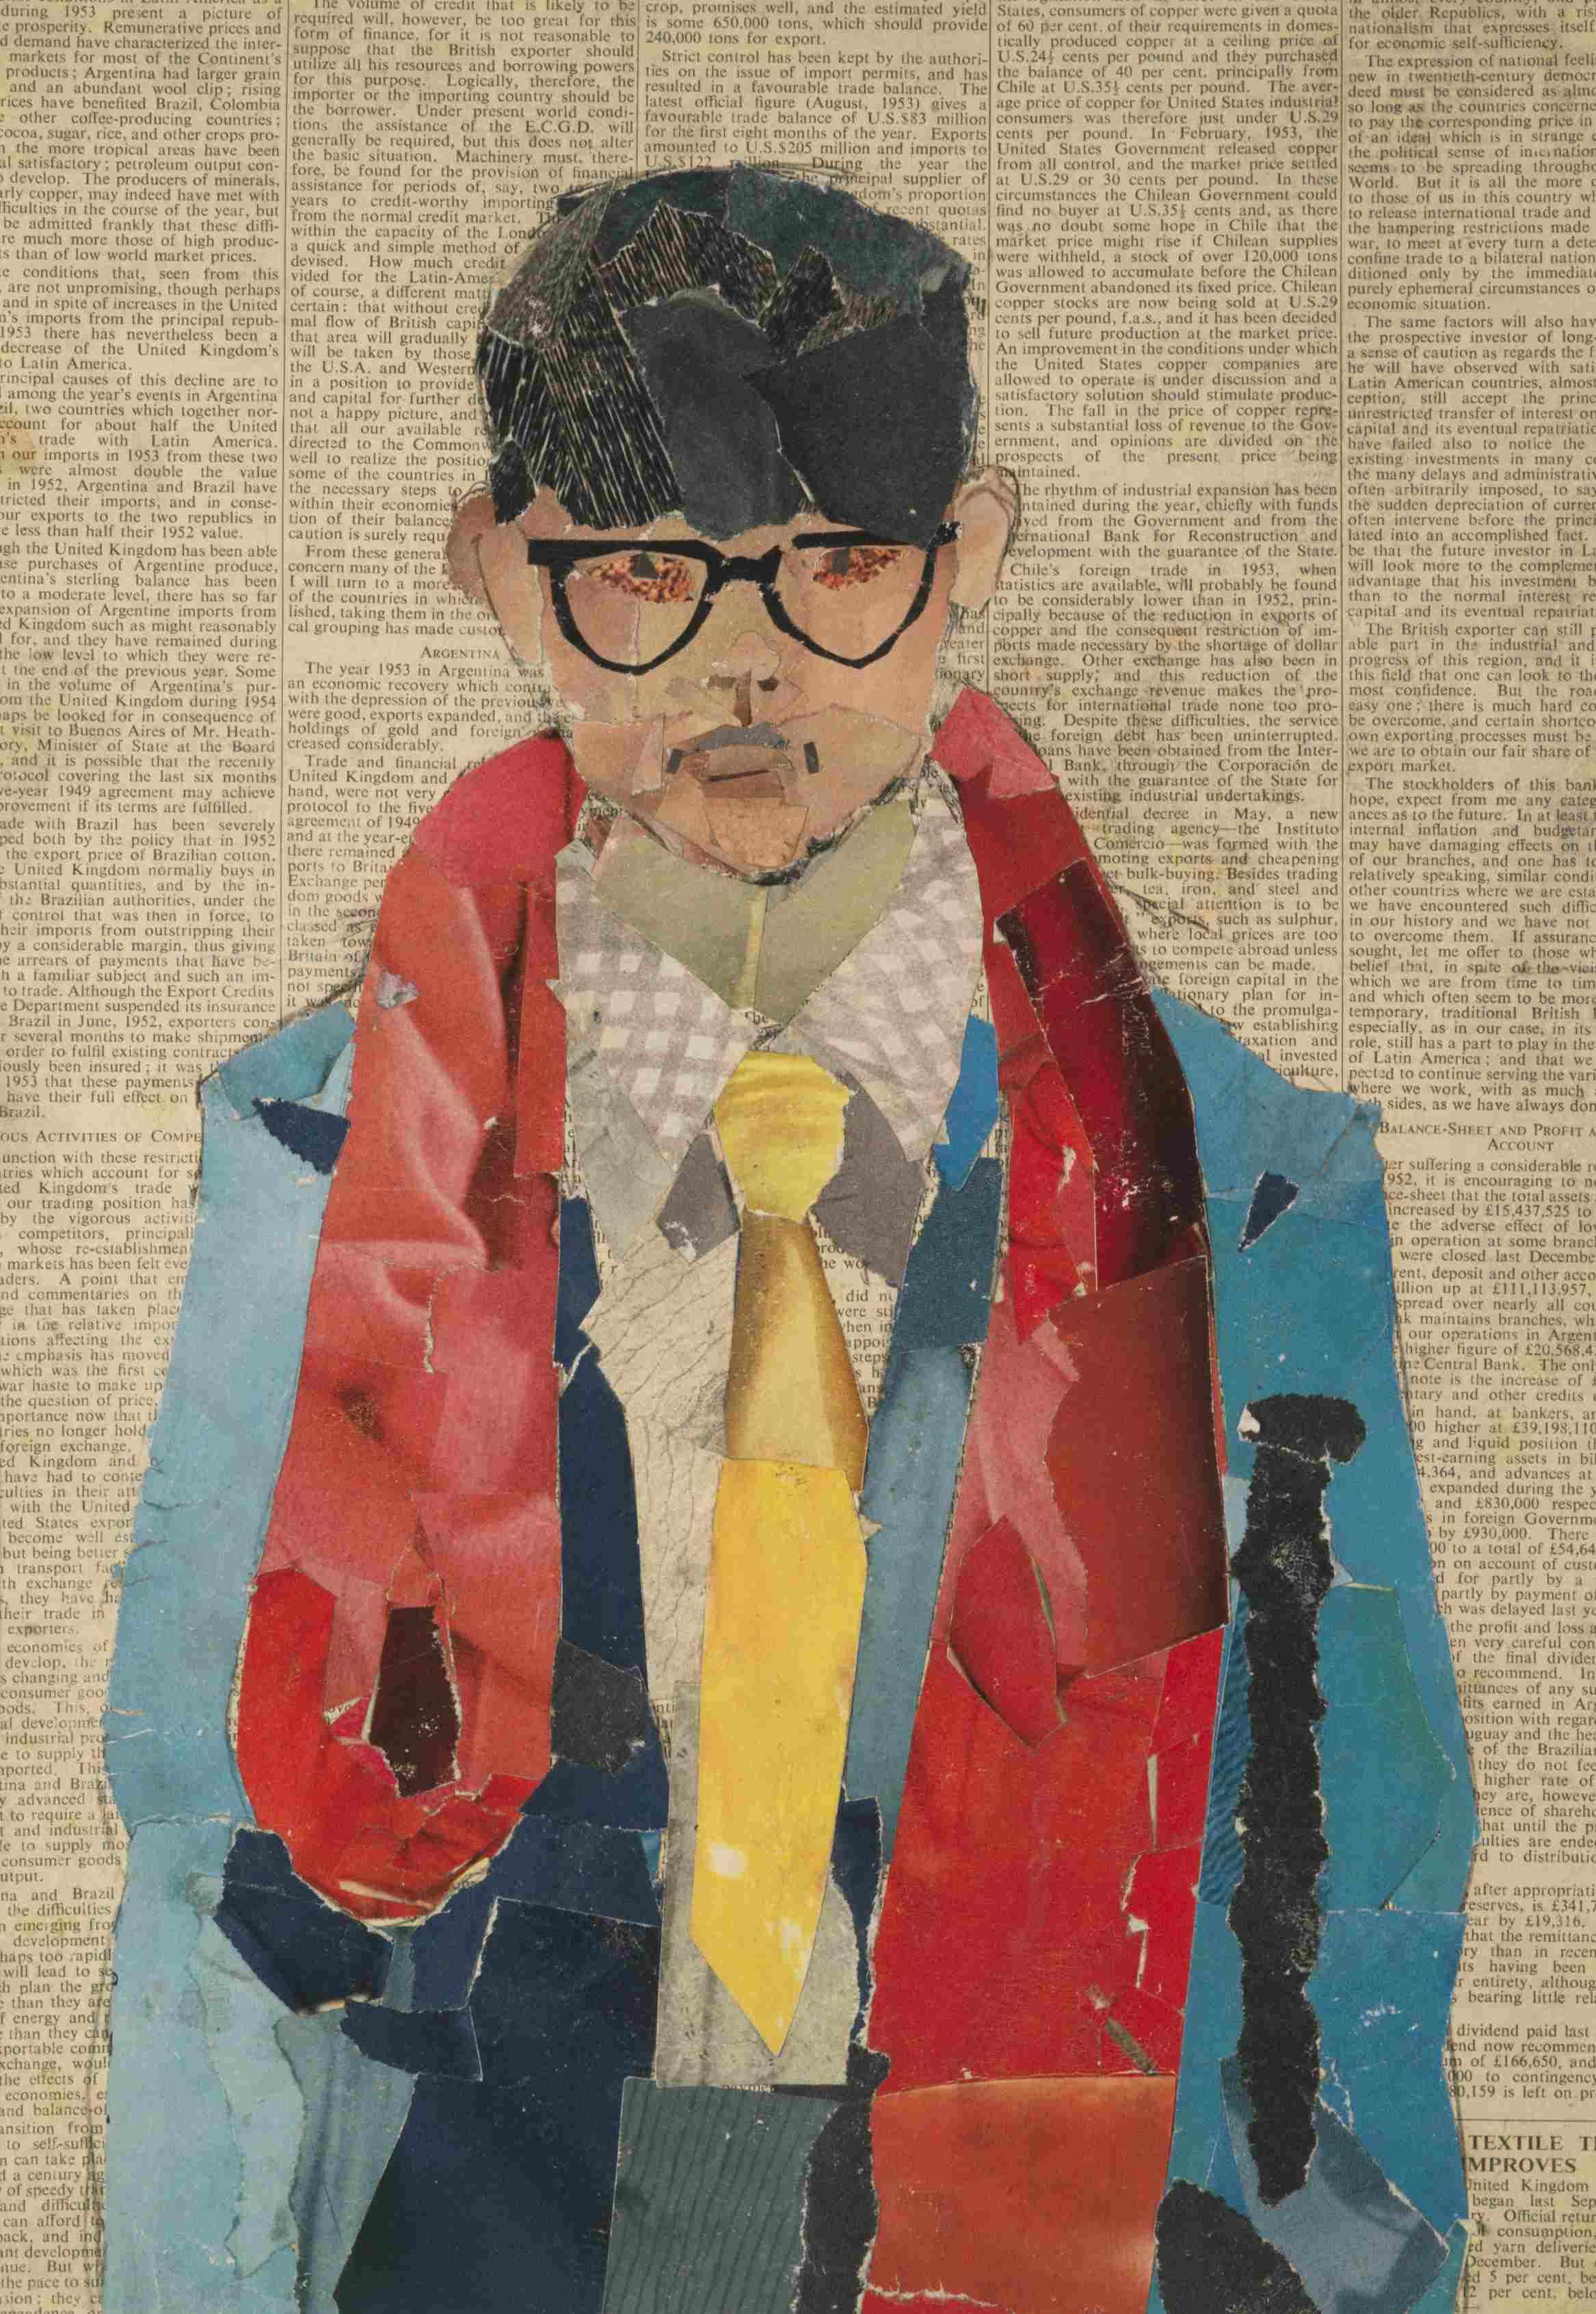 «Vêtements aux couleurs recherchées, coupe de cheveux au bol, lunettes à monture marquée : à dix-sept ans, David Hockney se présente en dandy. Les attributs qu'il se donne sont ceux de Stanley Spencer, le maître incontesté du réalisme qui constitue le socle de l'enseignement de ses professeurs de l'école d'art de Bradford. C'est à lui que le jeune Hockney emprunte l'âpre naturalisme de ses premiers tableaux et l'excentricité du personnage public qu'il entreprend ici de façonner.»